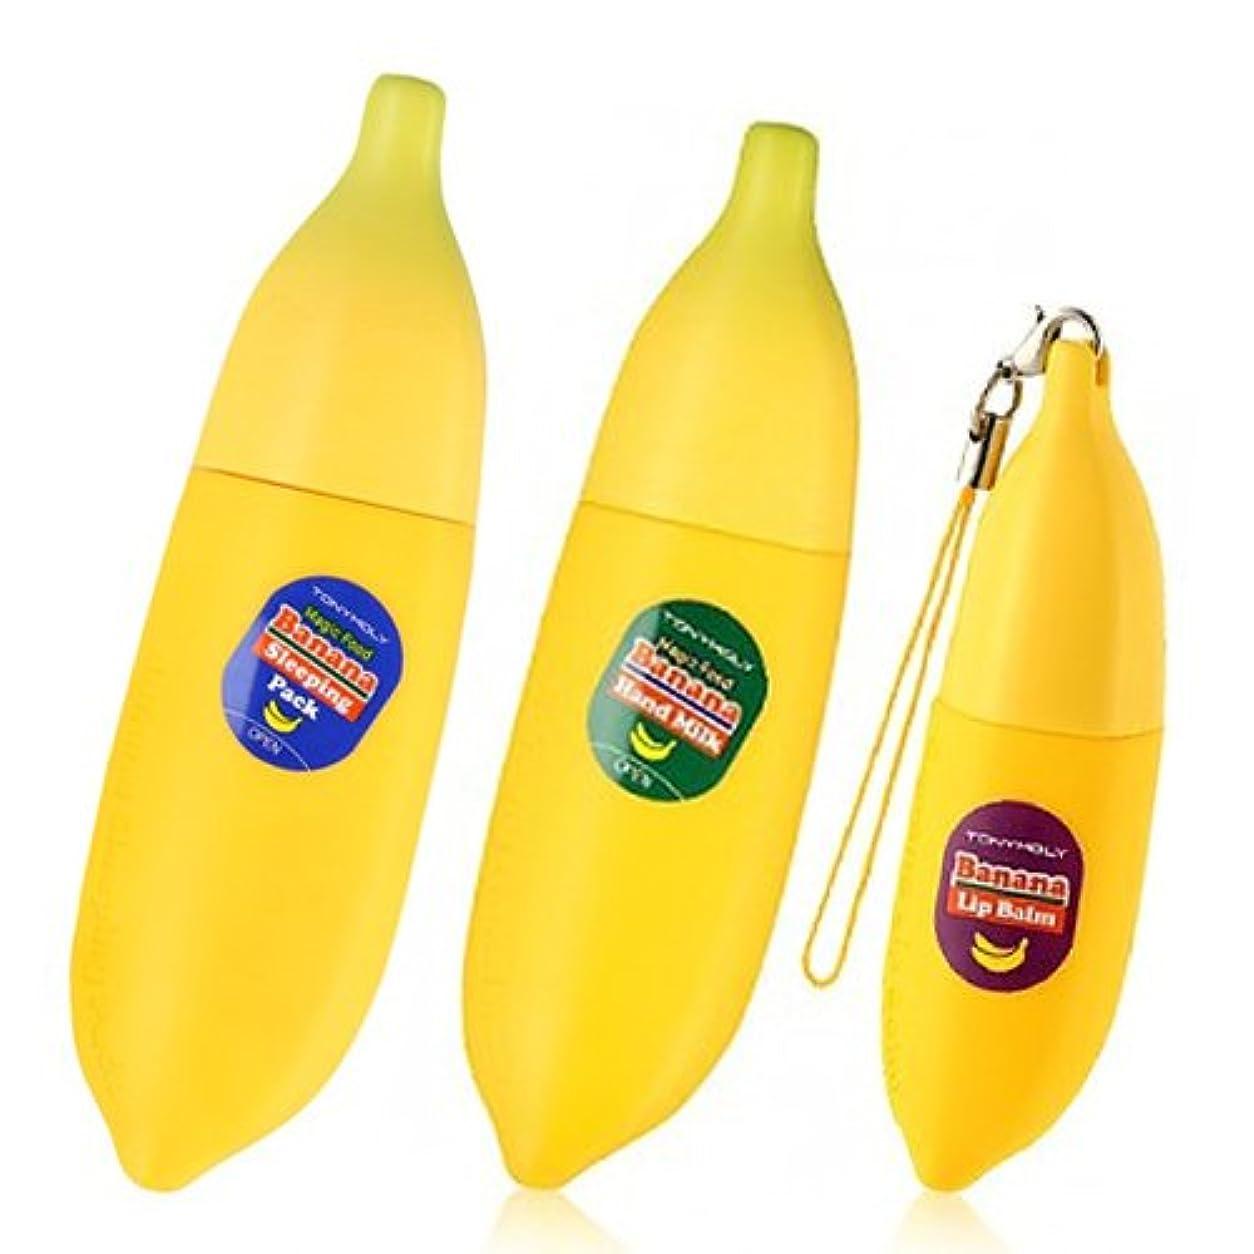 翻訳者民兵真珠のようなTONYMOLY (トニーモリ―) マジックフードバナナ3種類1セット(スリーピングパック+ハンドクリーム+リップバーム) Magic Food Banana of 3 Types (Sleeping Pack+Hand...